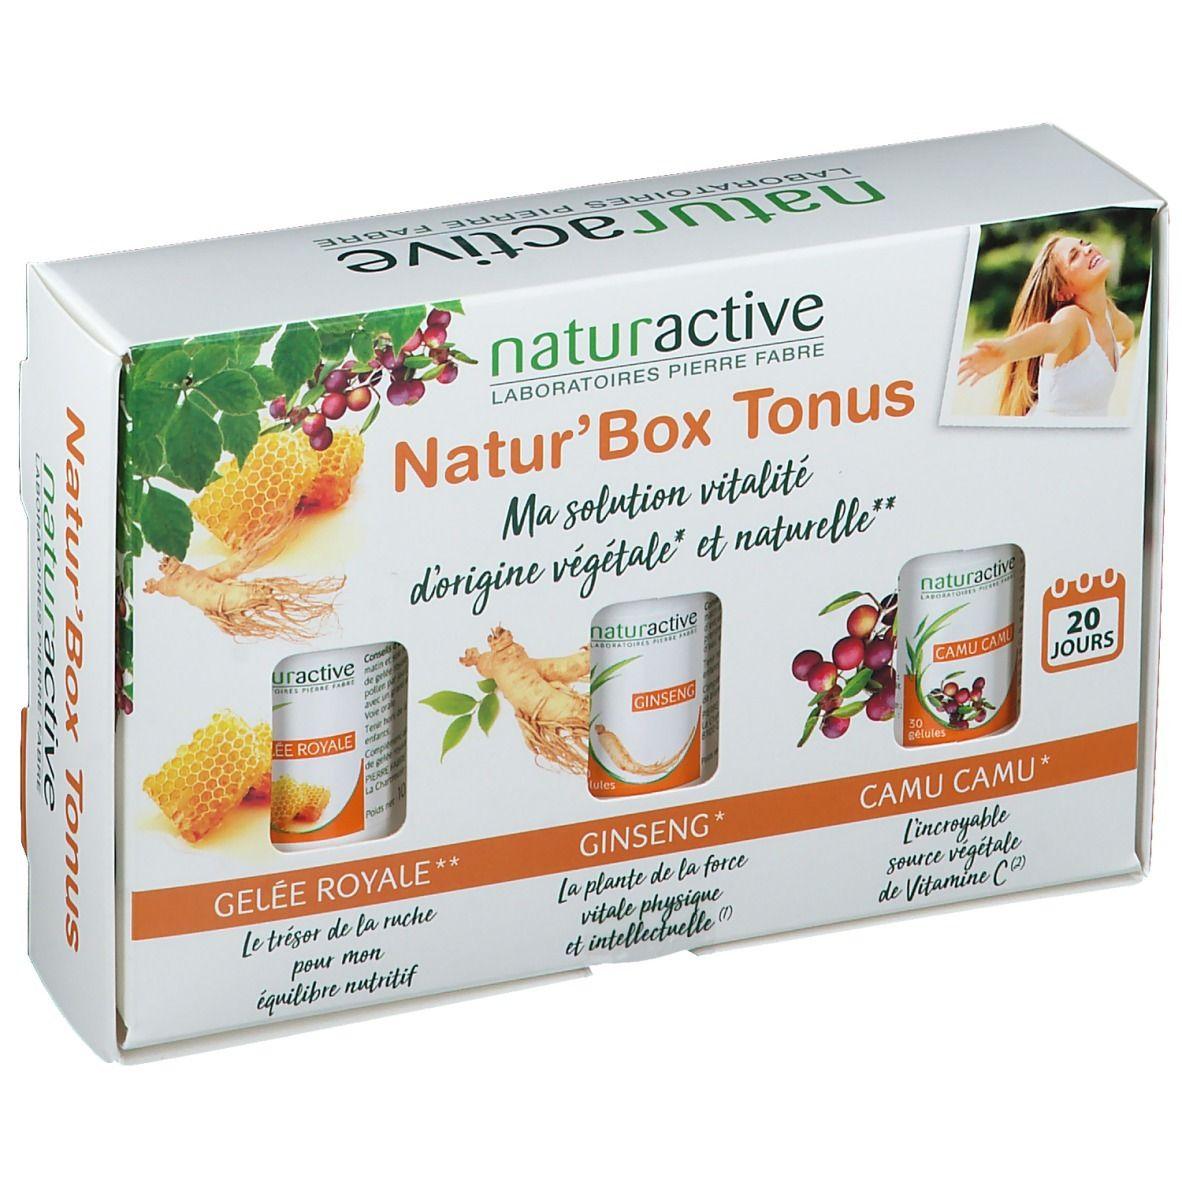 Naturactive Natur'Box Tonus